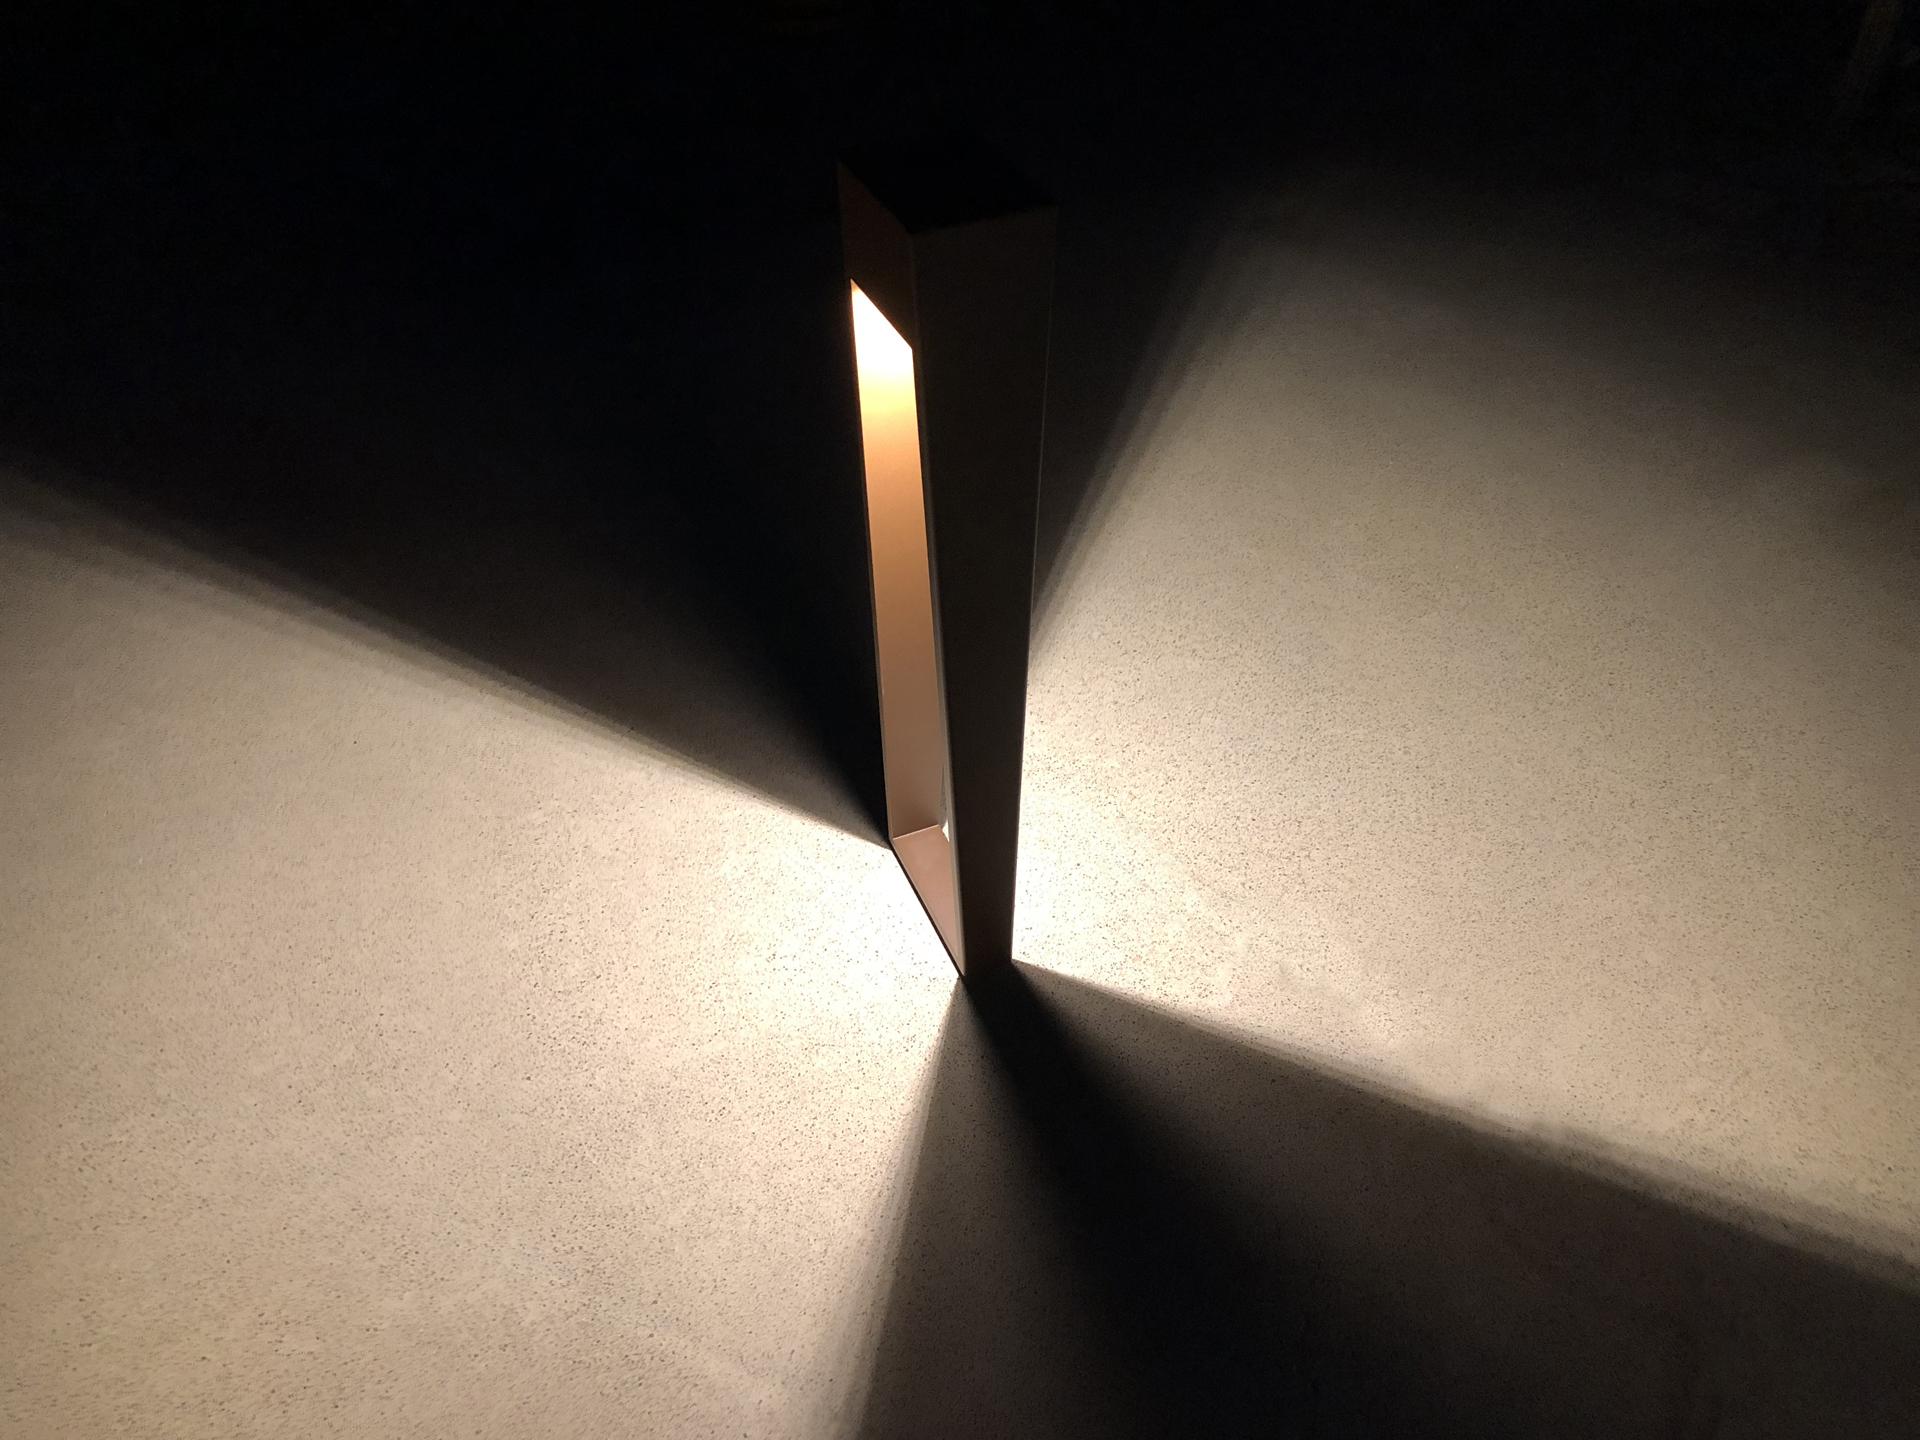 La borne d'extérieur BNL 900 LYX Luminaires est un luminaire extérieur fabriqué en acier inoxydable rouille Corten ou gris anthracite équipé d'une source LED basse consommation performante. Cette borne d'extérieur fait partie avec les bornes extérieures solaires LYX Luminaires de la vaste collection de balises extérieures LYX Luminaires. La borne d'extérieur LED BNL 900 est idéale pour l'éclairage d'allée, l'éclairage de jardins, le balisage de chemins. Cette lampe extérieure design offre un éclairage moderne. Comme tous les luminaires extérieurs LYX Luminaires, les bornes solaires et bornes extérieures LED sont de conception et de fabrication française. / Lampe extérieure jardin pour un éclairage extérieur design. Version lampe solaire jardin ou lampe jardin LED. Cette lampe de jardin ou lampe terrasse est une lampe de jardin avec détecteur. Fabriquée en acier, la lampe jardin détecteur permet un éclairage solaire ou un éclairage LED puissant selon le modèle choisi. Découvrez la collection de luminaires extérieurs constituée de lampes solaires et lampes LED. Vaste collection d'appliques extérieures / appliques murales : applique murale extérieure solaire, applique murale LED, applique extérieure design. Les appliques extérieures murales sont de fabrication française. Lampe solaire idéale pour l'éclairage de terrasses, de jardin. Lampe solaire terrasse, lampe extérieure terrasse permettant un éclairage performant. La lampe extérieure est équipée d'un détecteur de présence. Le luminaire extérieur doté d'un détecteur de mouvement, éclaire au passage d'une personne d'une voiture. Lampe extérieure détecteur puissante et efficace, au design épuré et moderne.